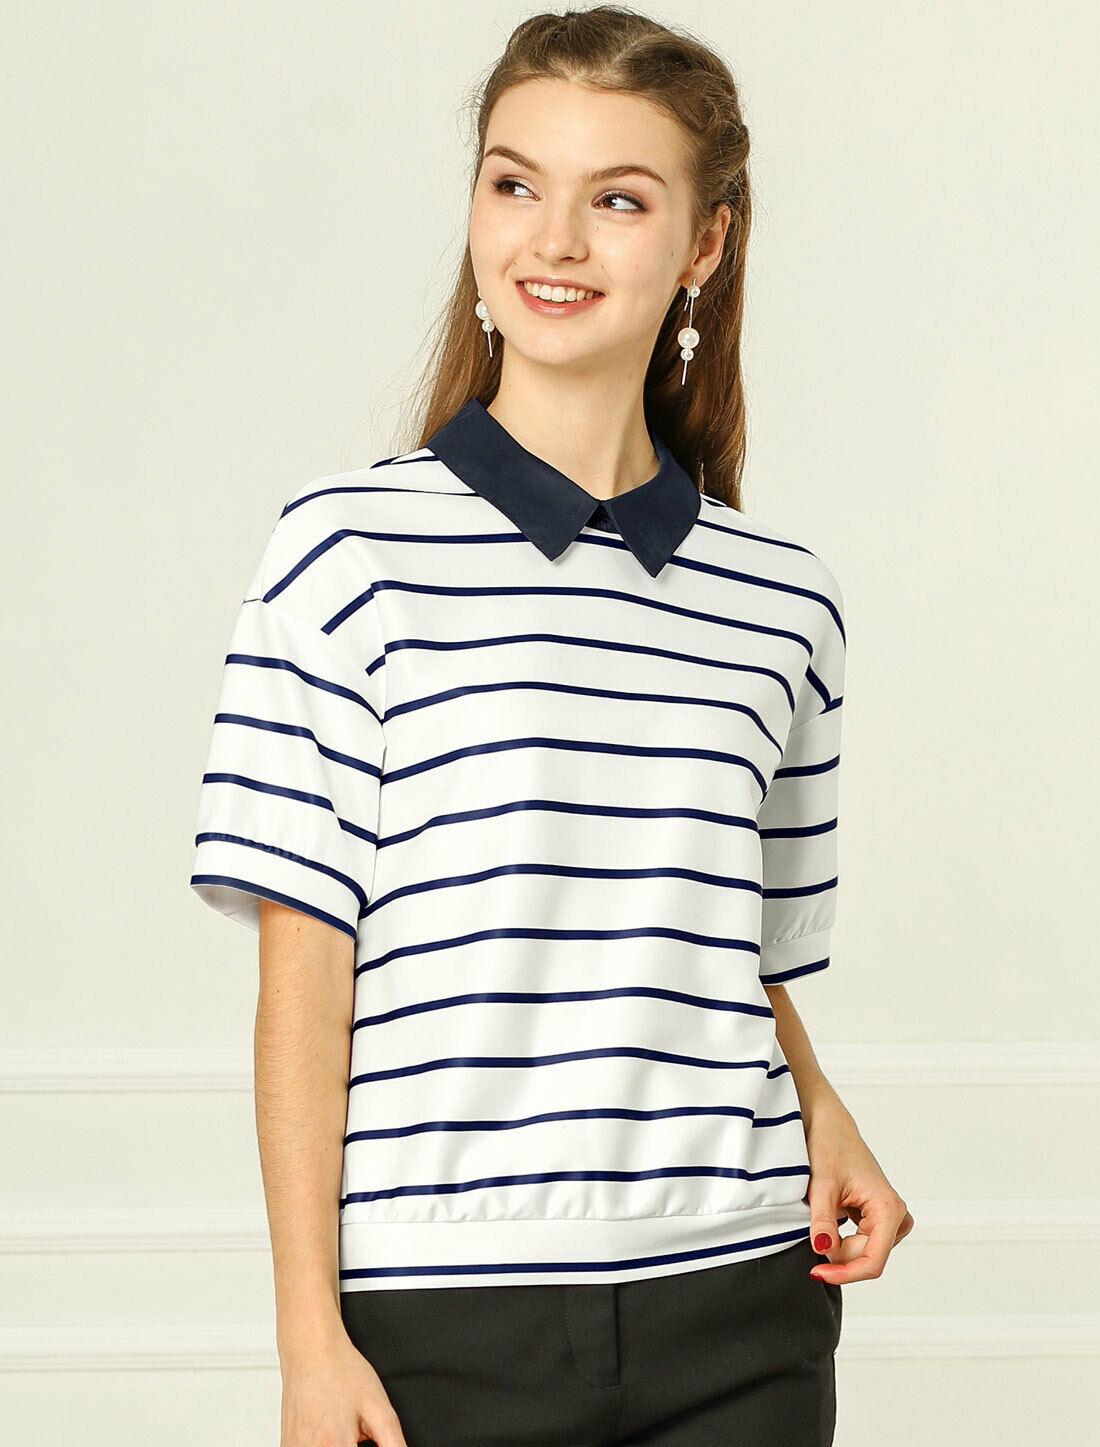 Высококачественная Мужская рубашка-поло на заказ